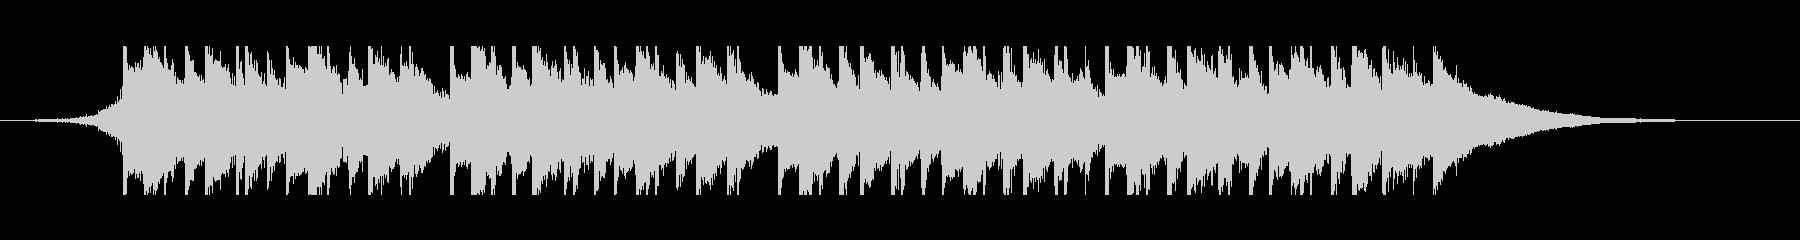 ハッピーアラビア語ラマダン(30秒)の未再生の波形